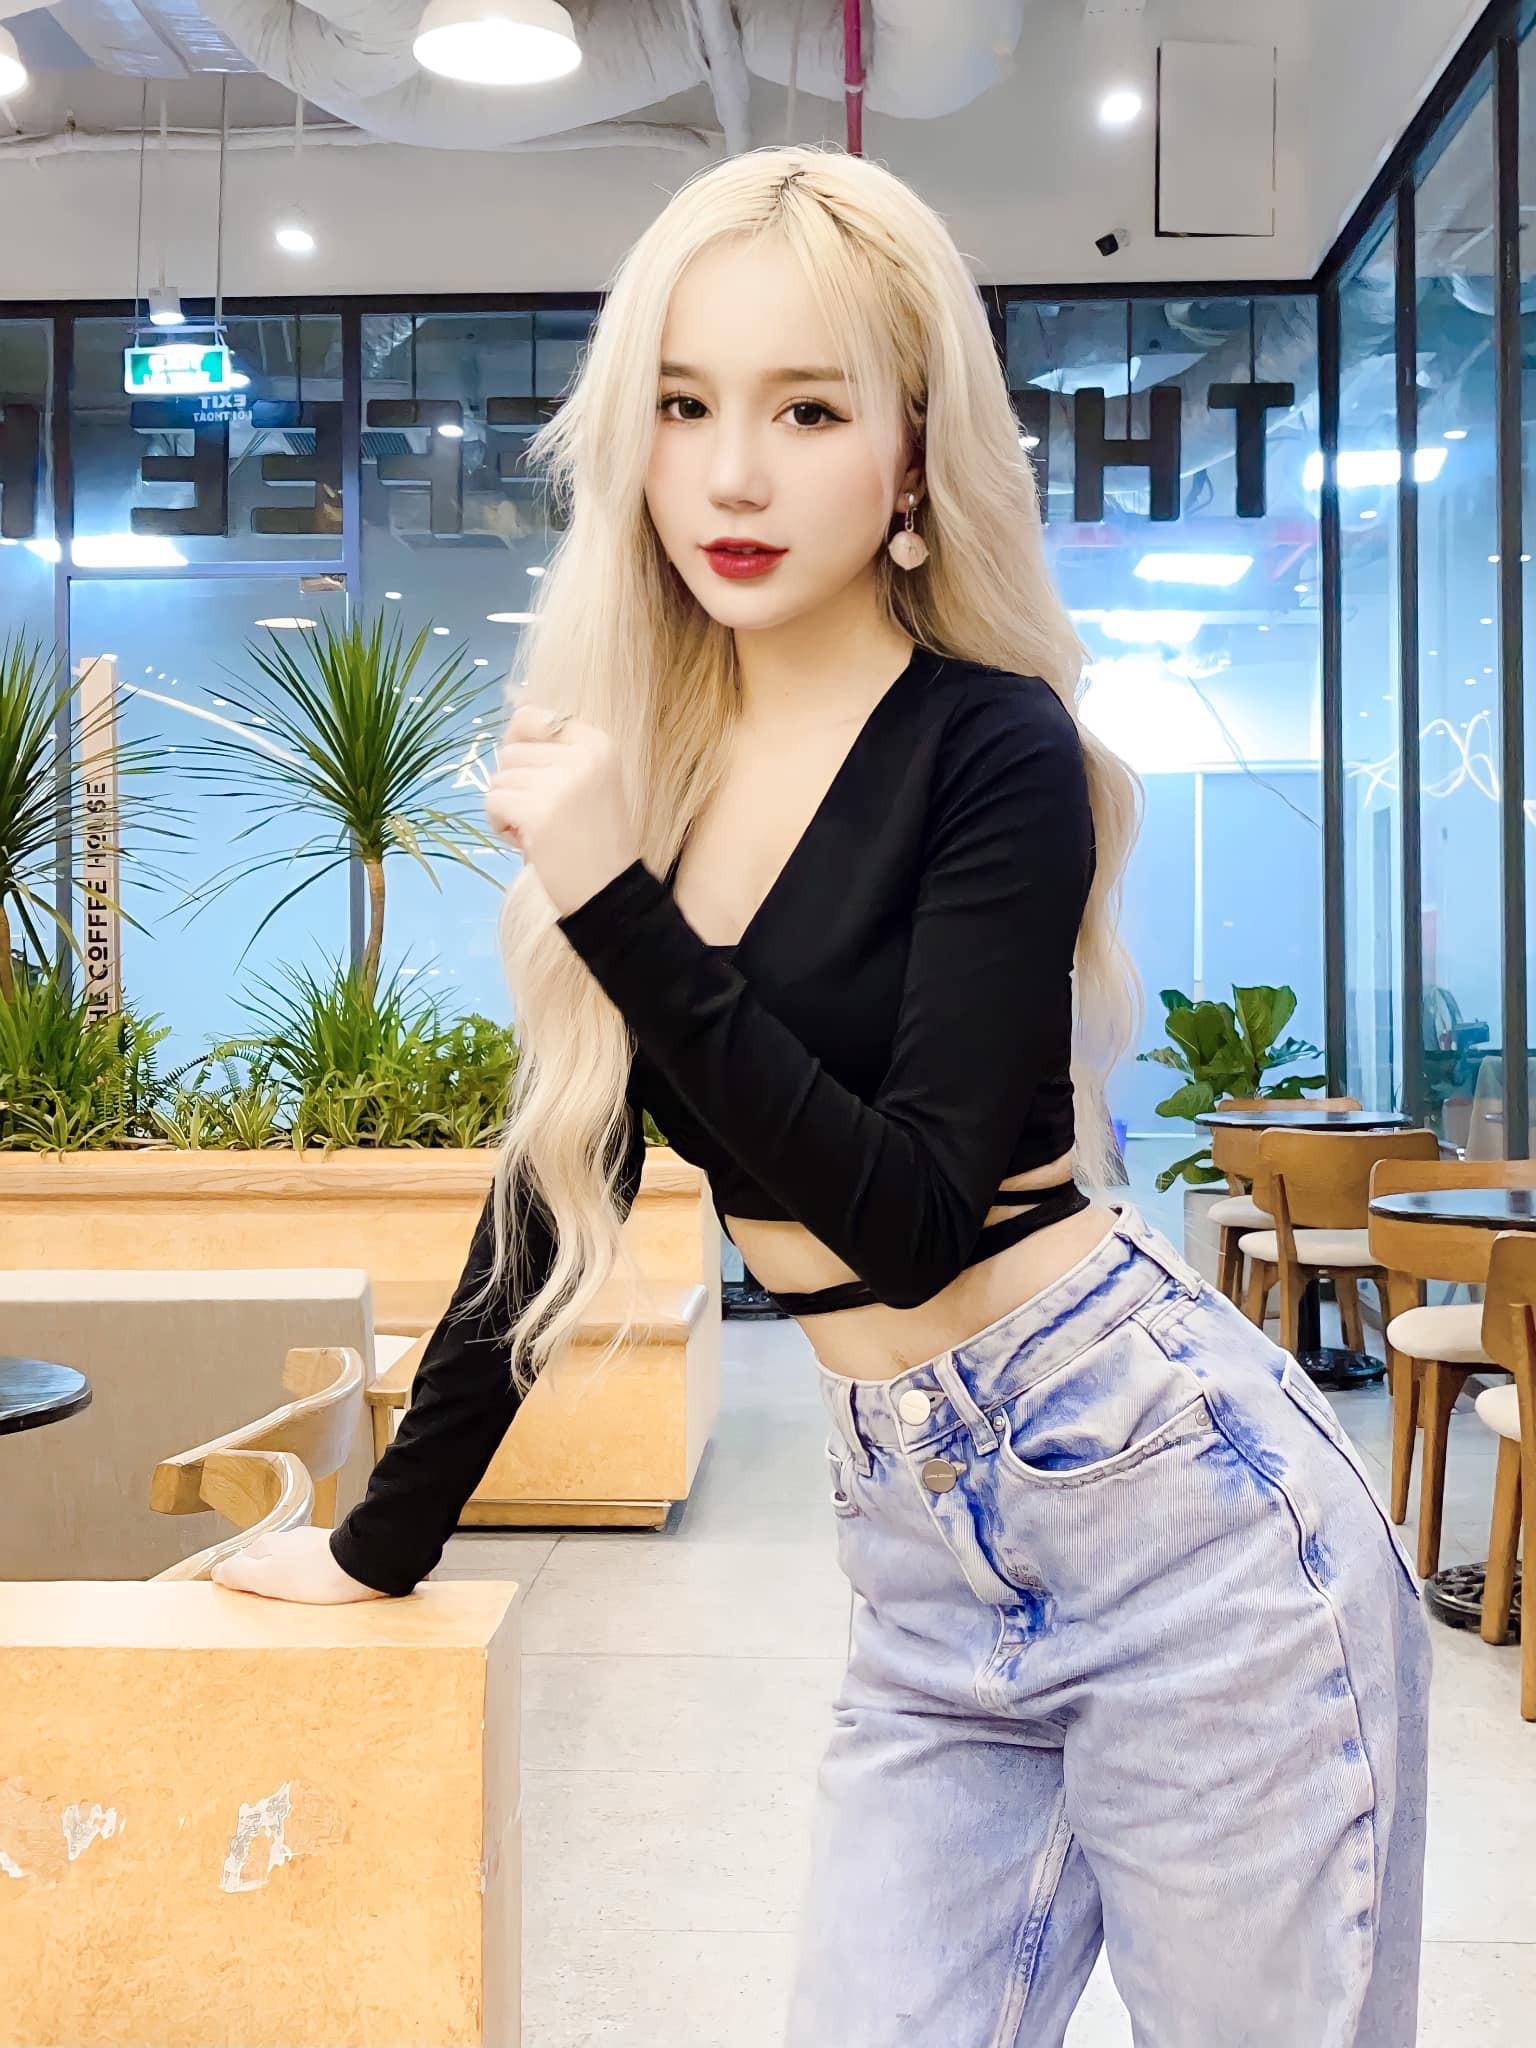 Nữ streamer tóc bạch kim lộ body, netizen hết lời khen ngợi - Hình 6